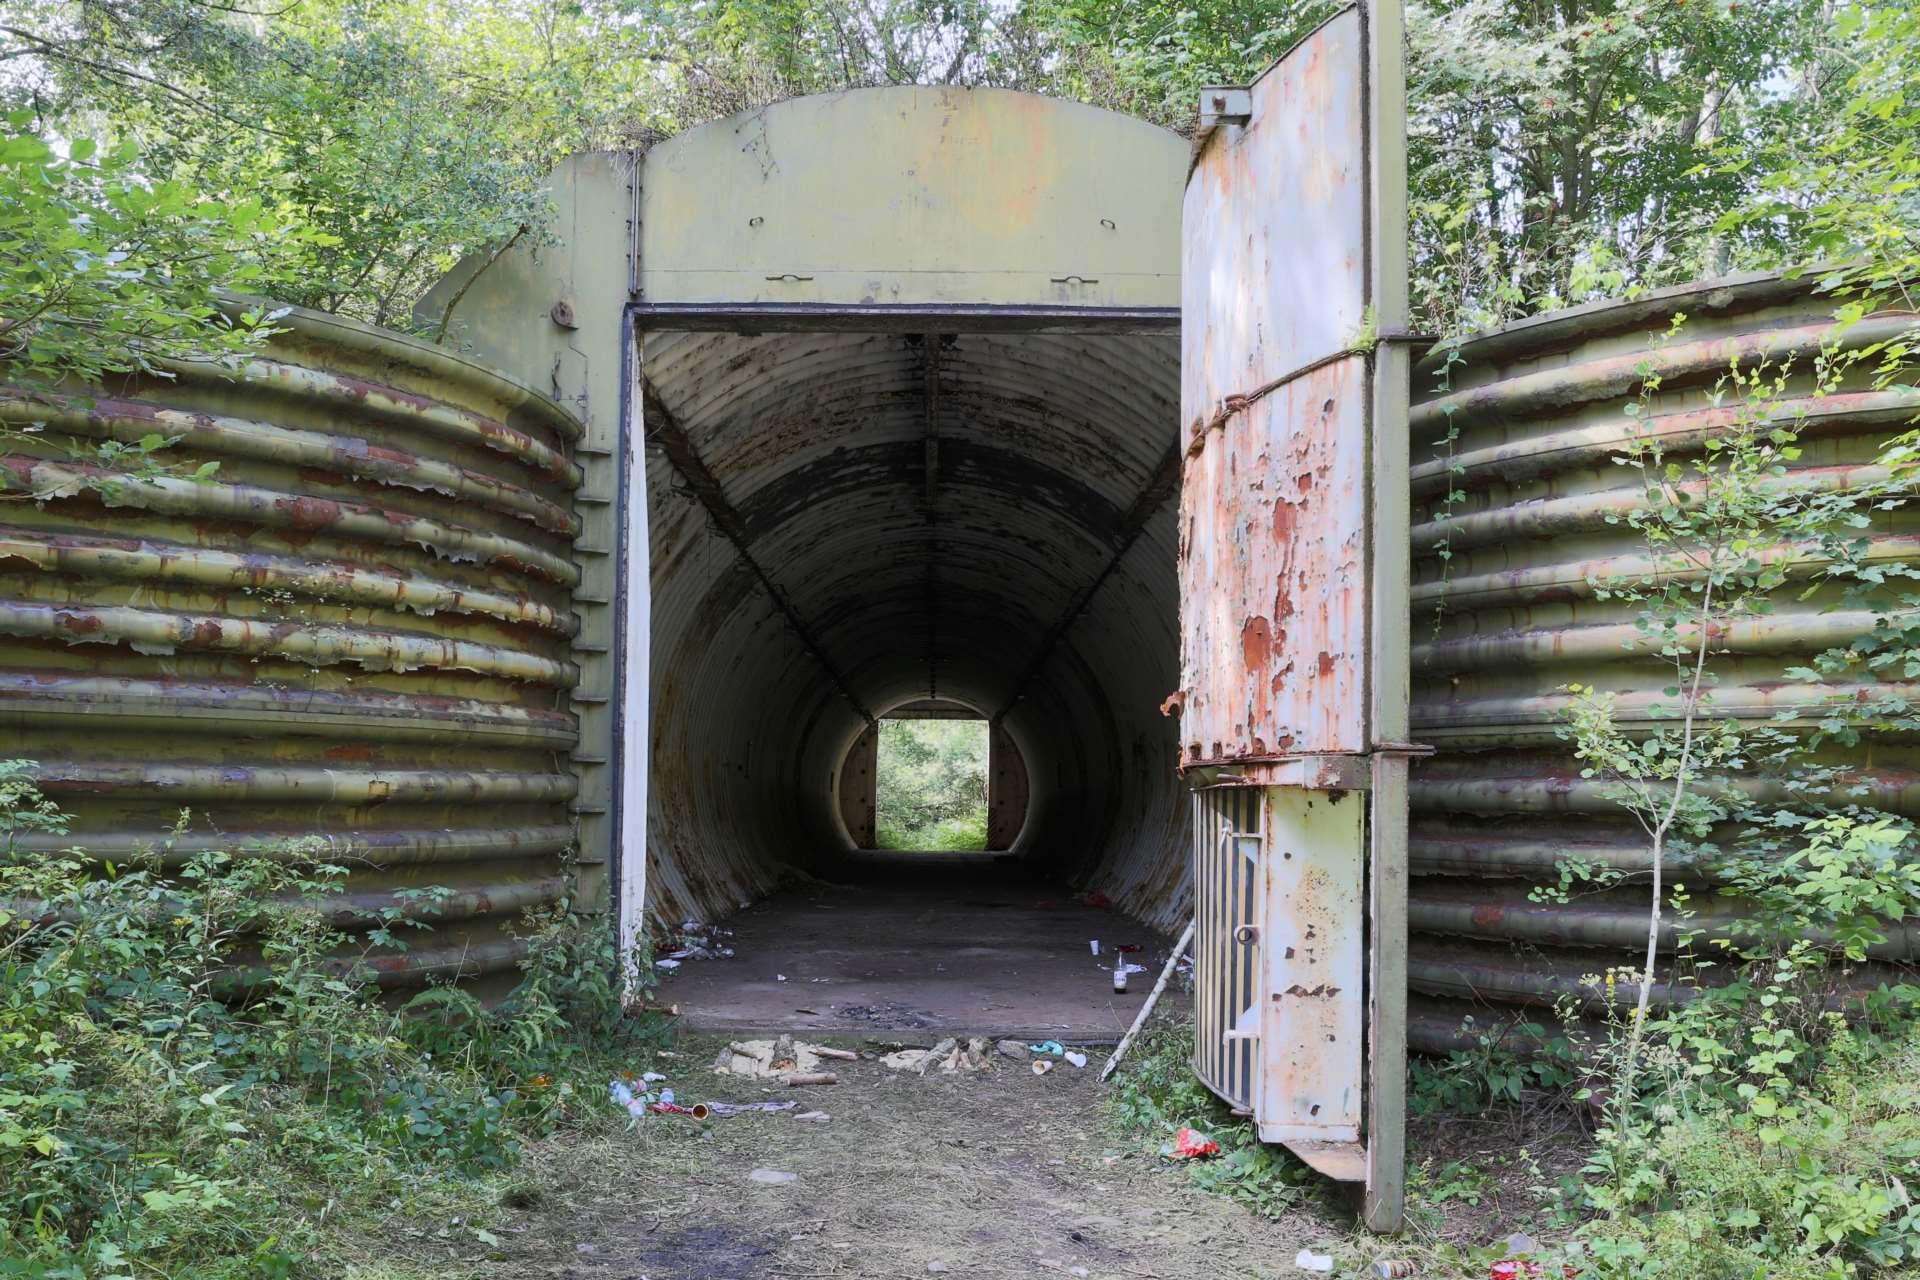 Укрытие для ракетных комплексов «Темп-С» в лесу под Либавой